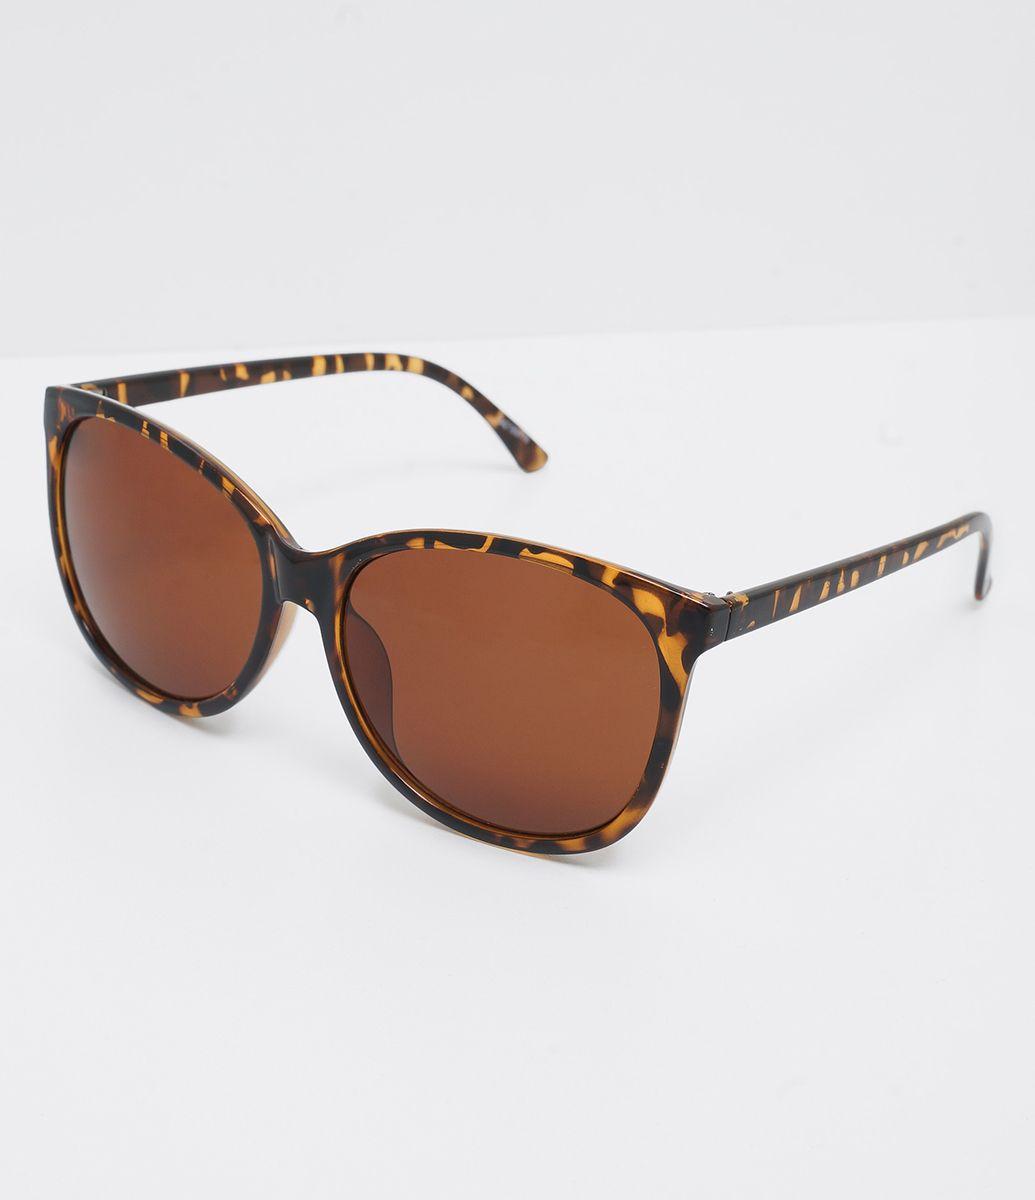 Óculos de sol Modelo redondo Hastes em acetato Lentes degradê Proteção  contra raios UVA   UVB 1a6468f7c6